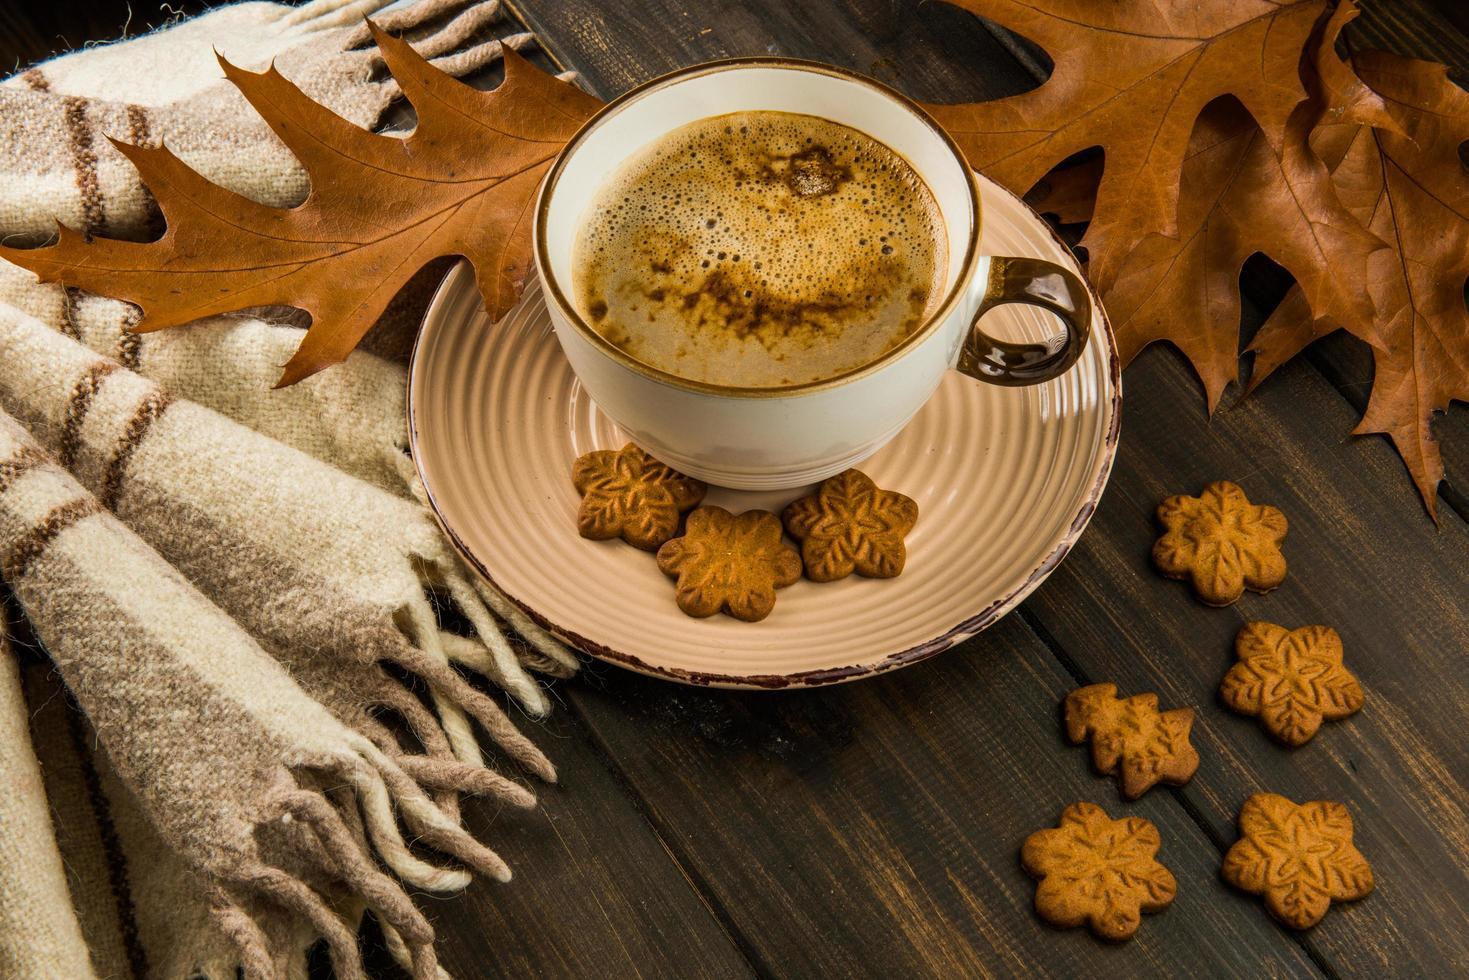 kaffe med kakor och löv foto